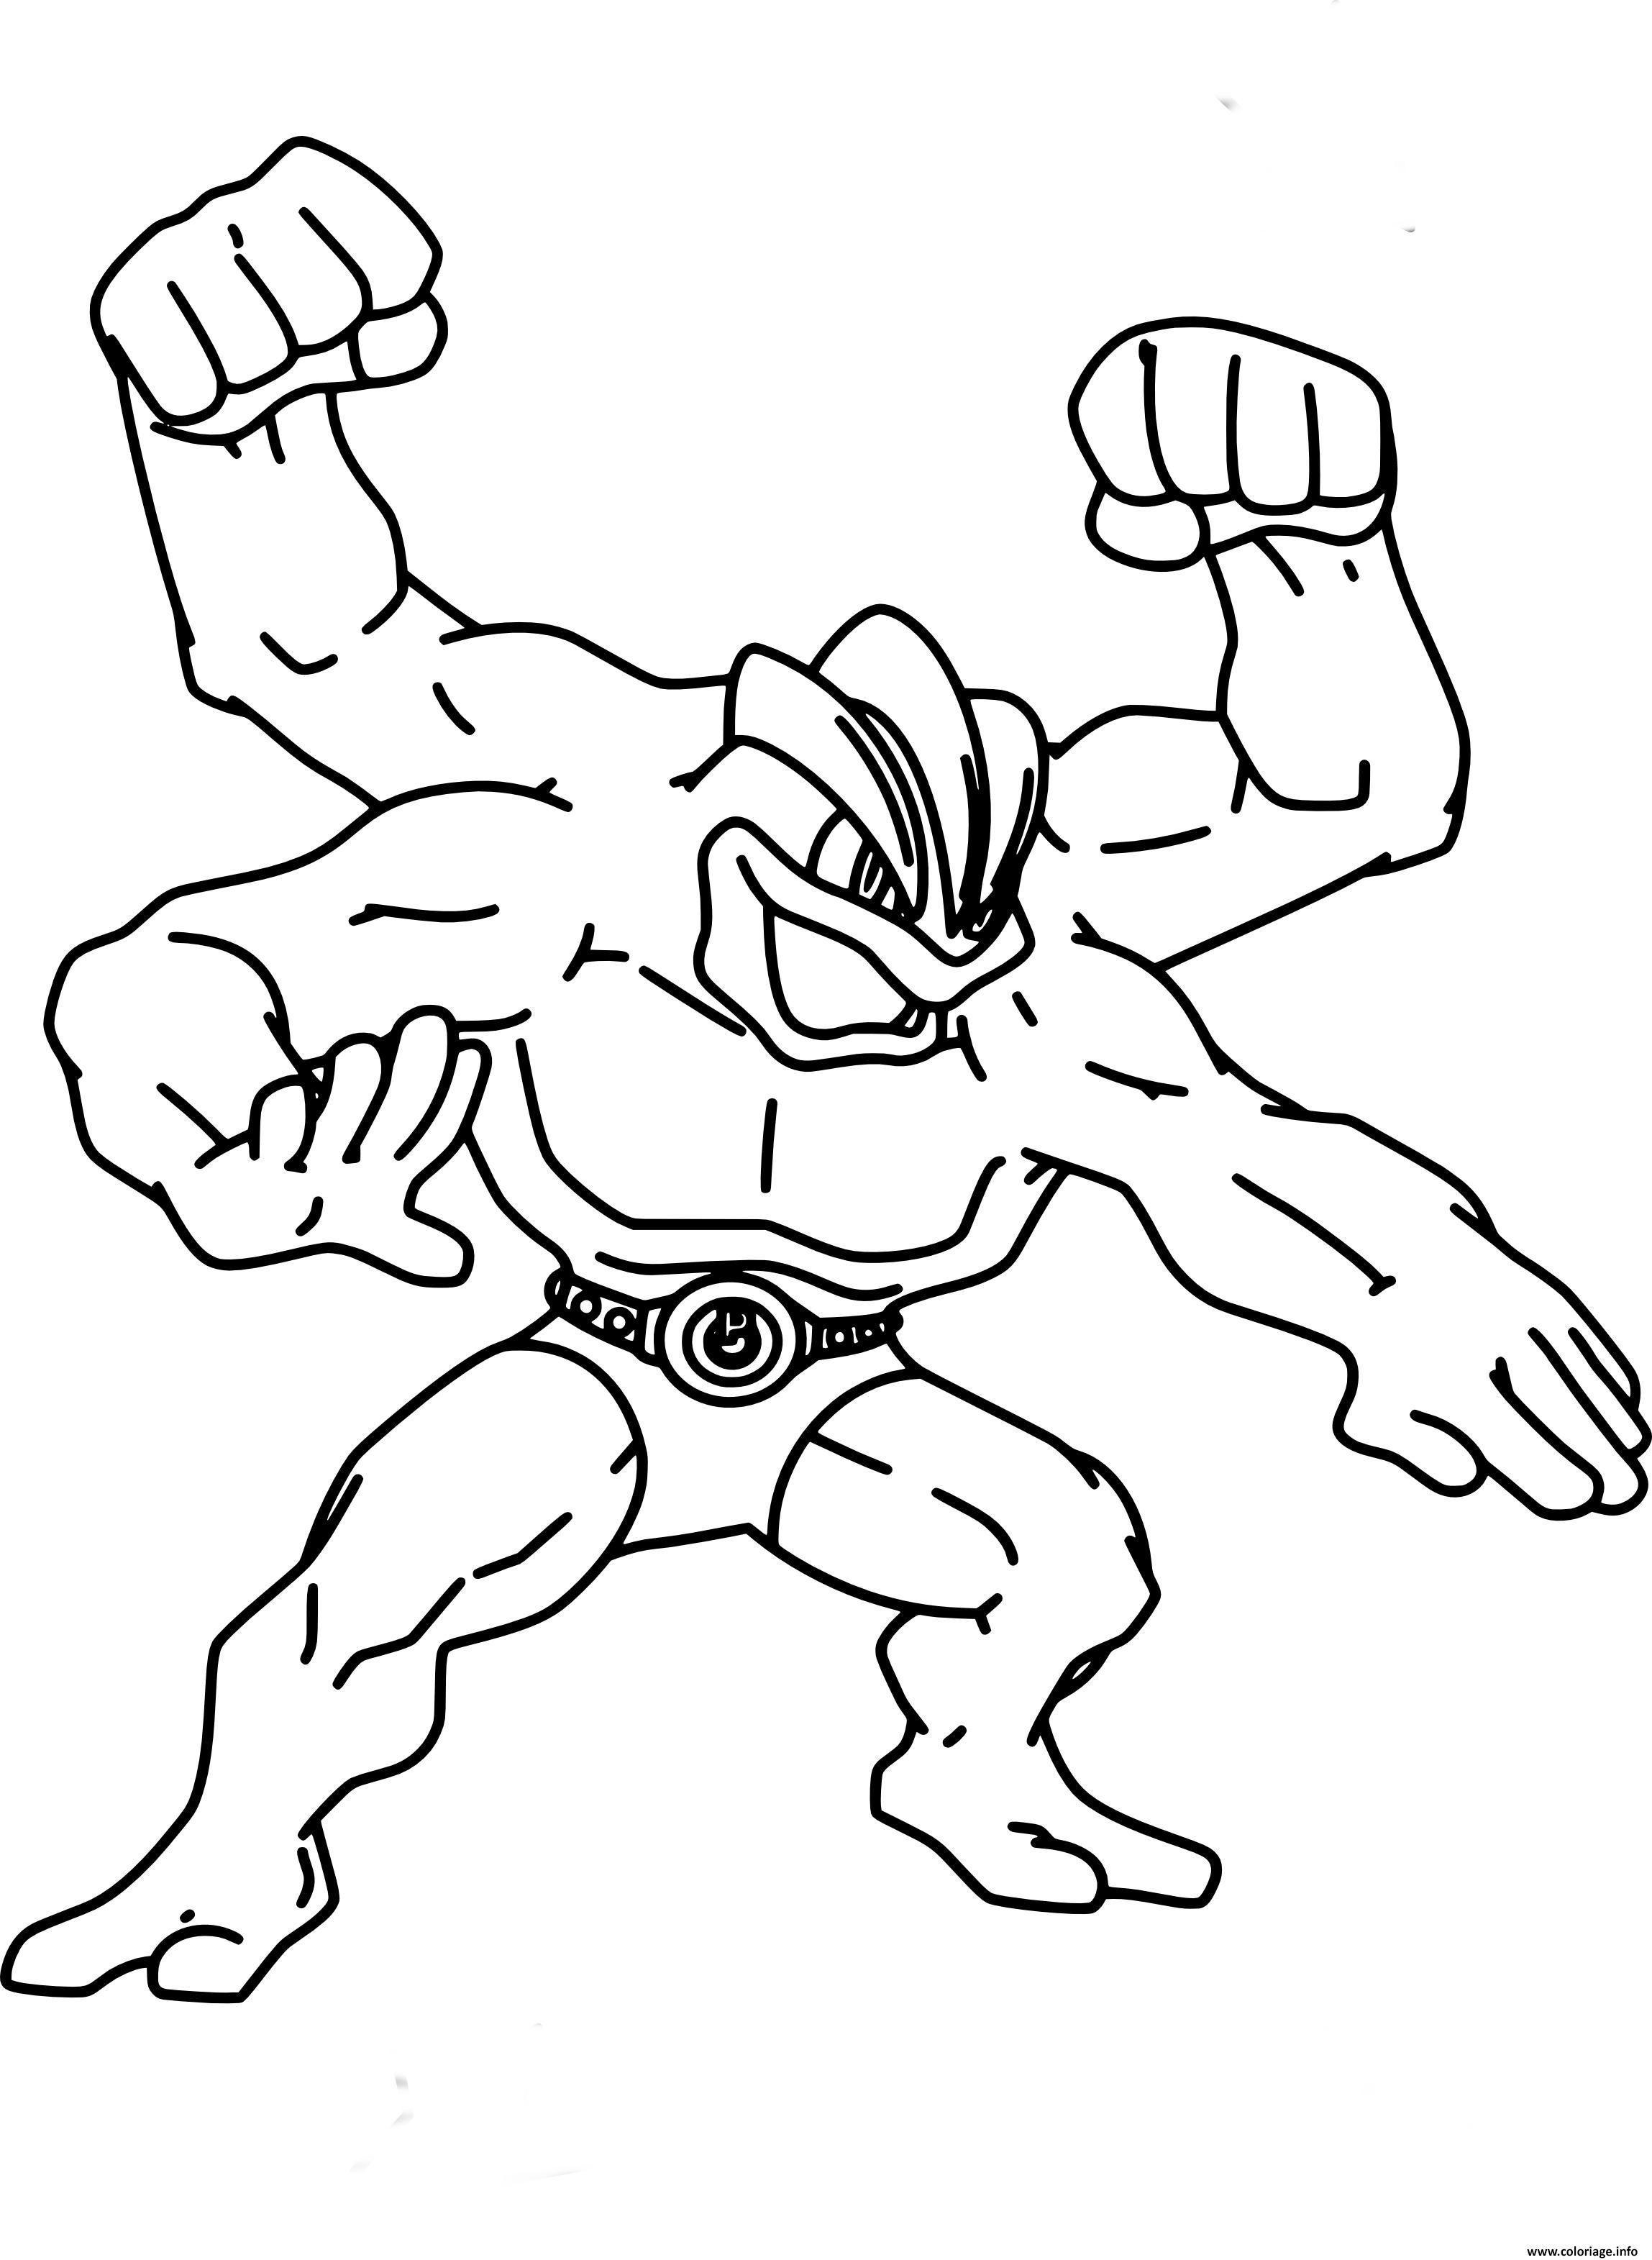 Coloriage Gratuit A Imprimer Pokemon Noir Et Blanc Coloriage Imprimer